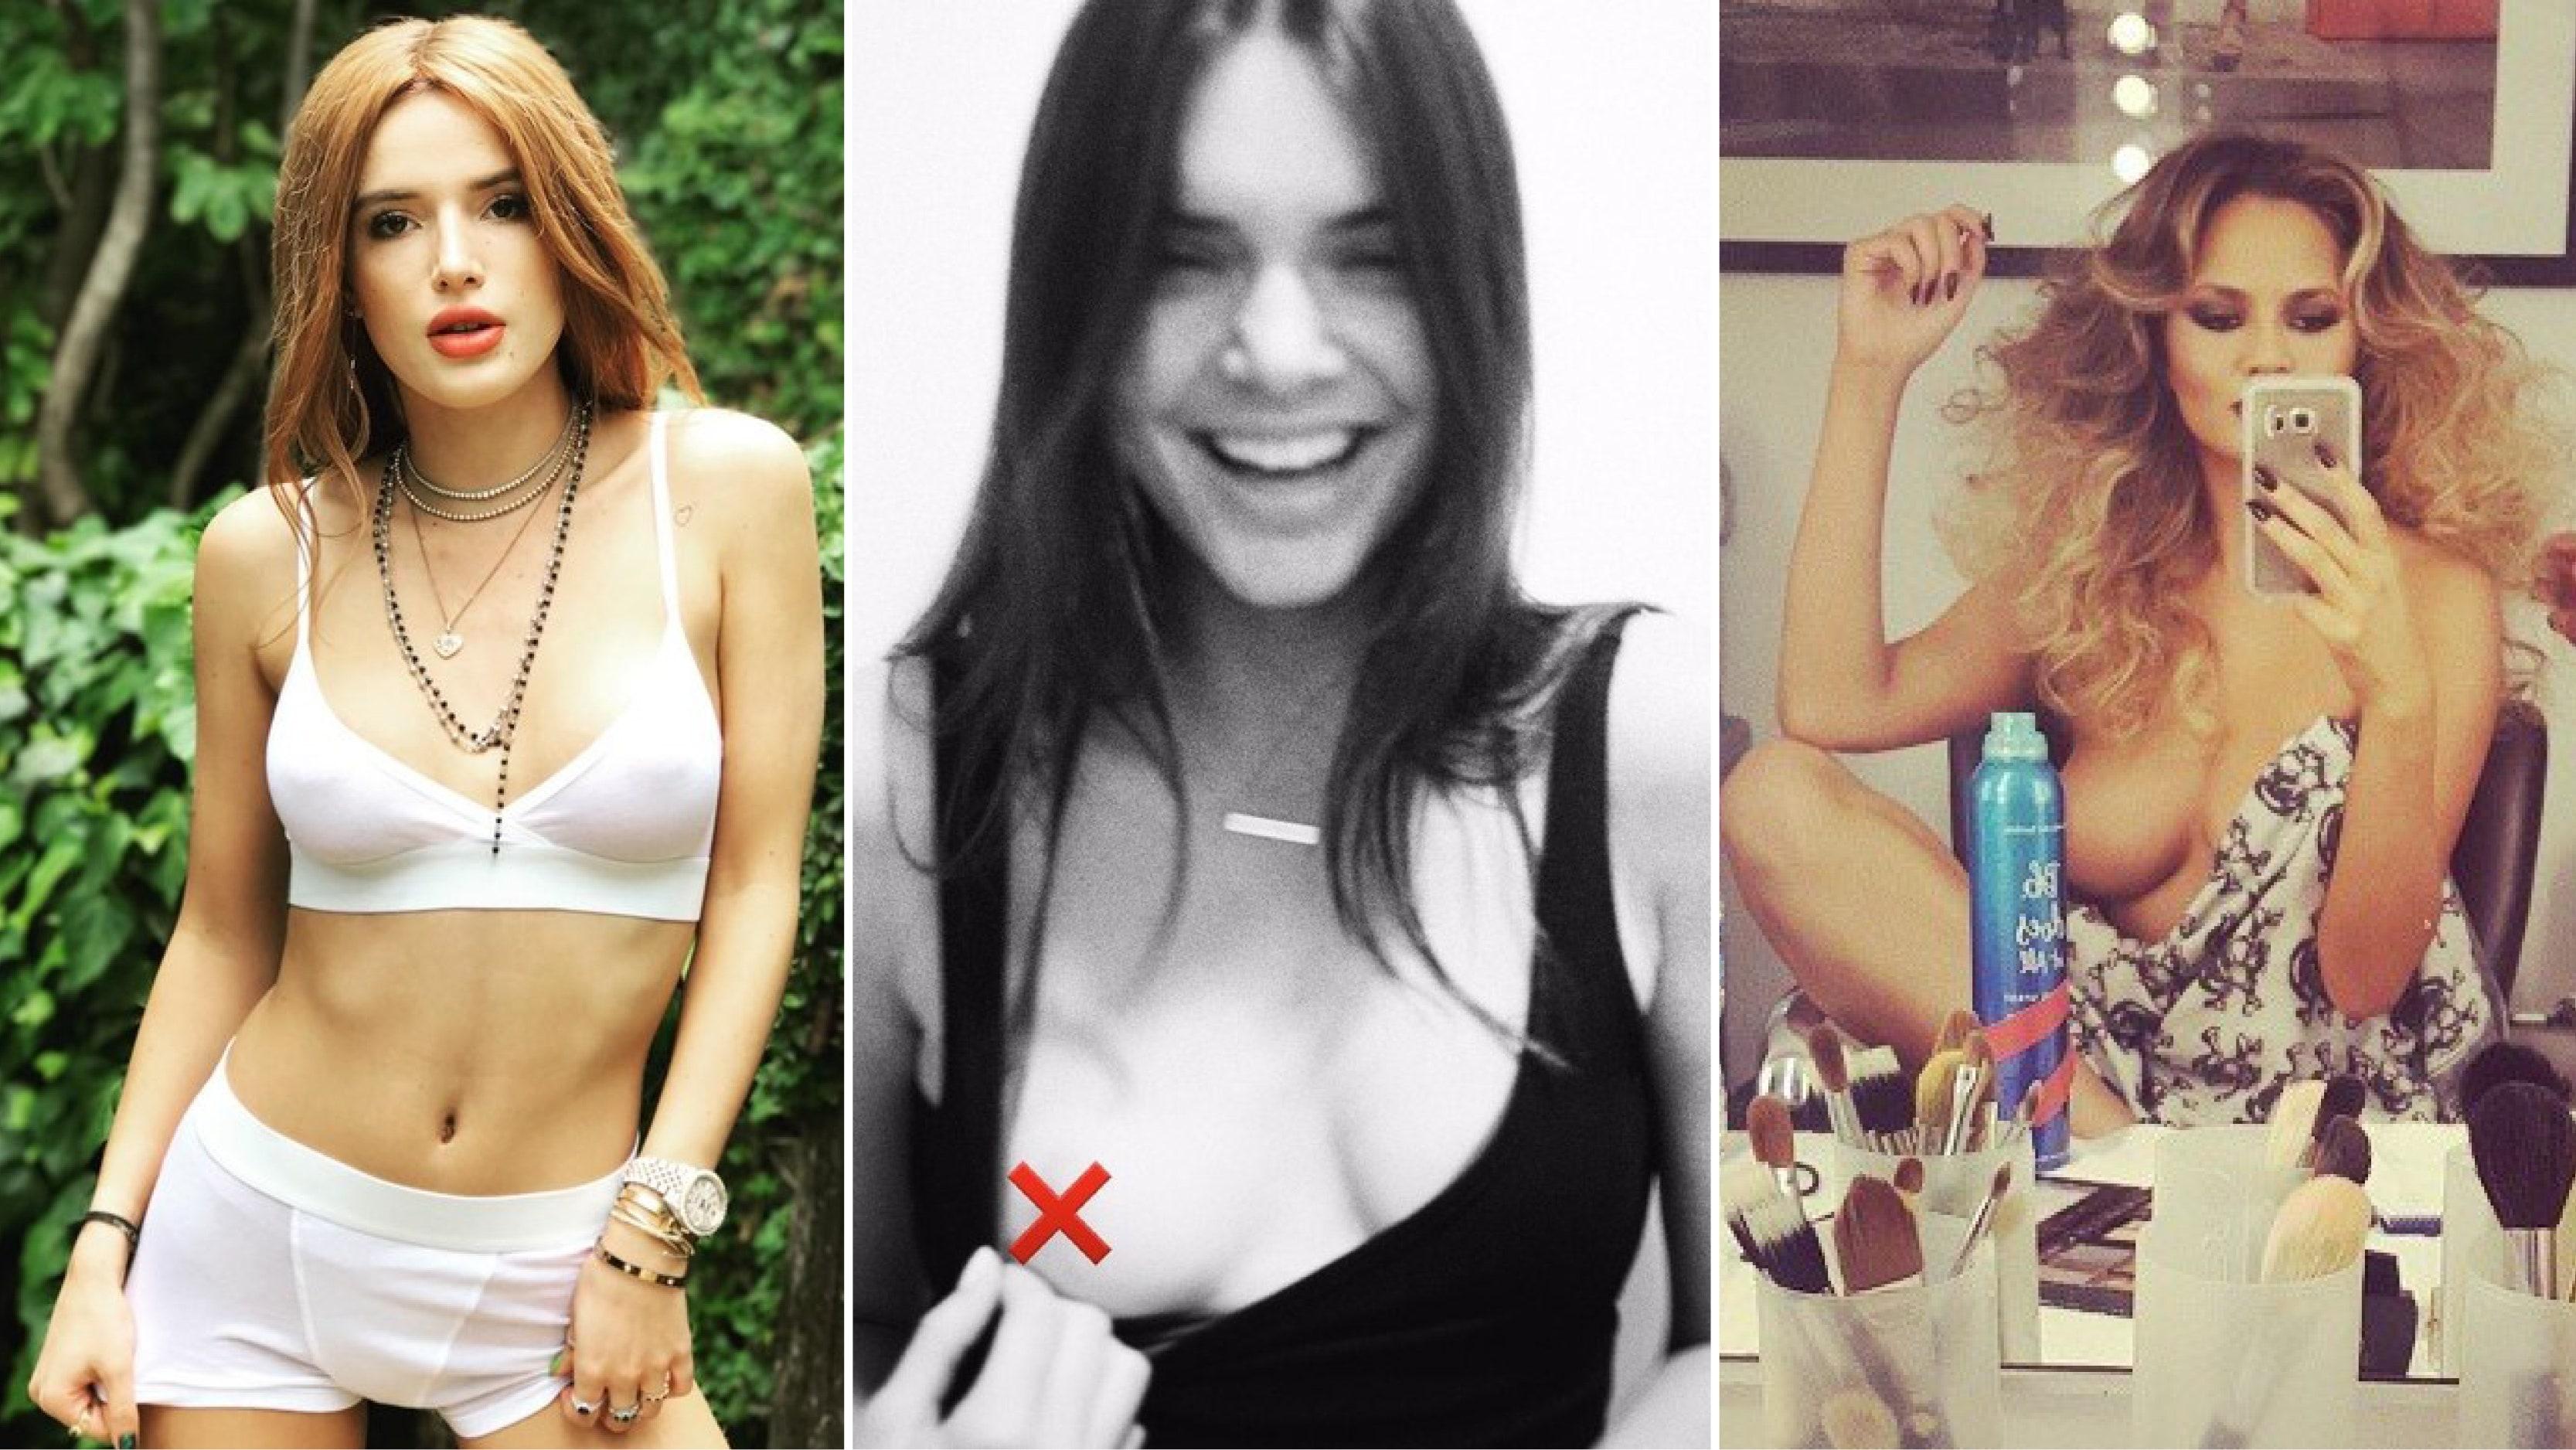 Free public nude celebrity photos